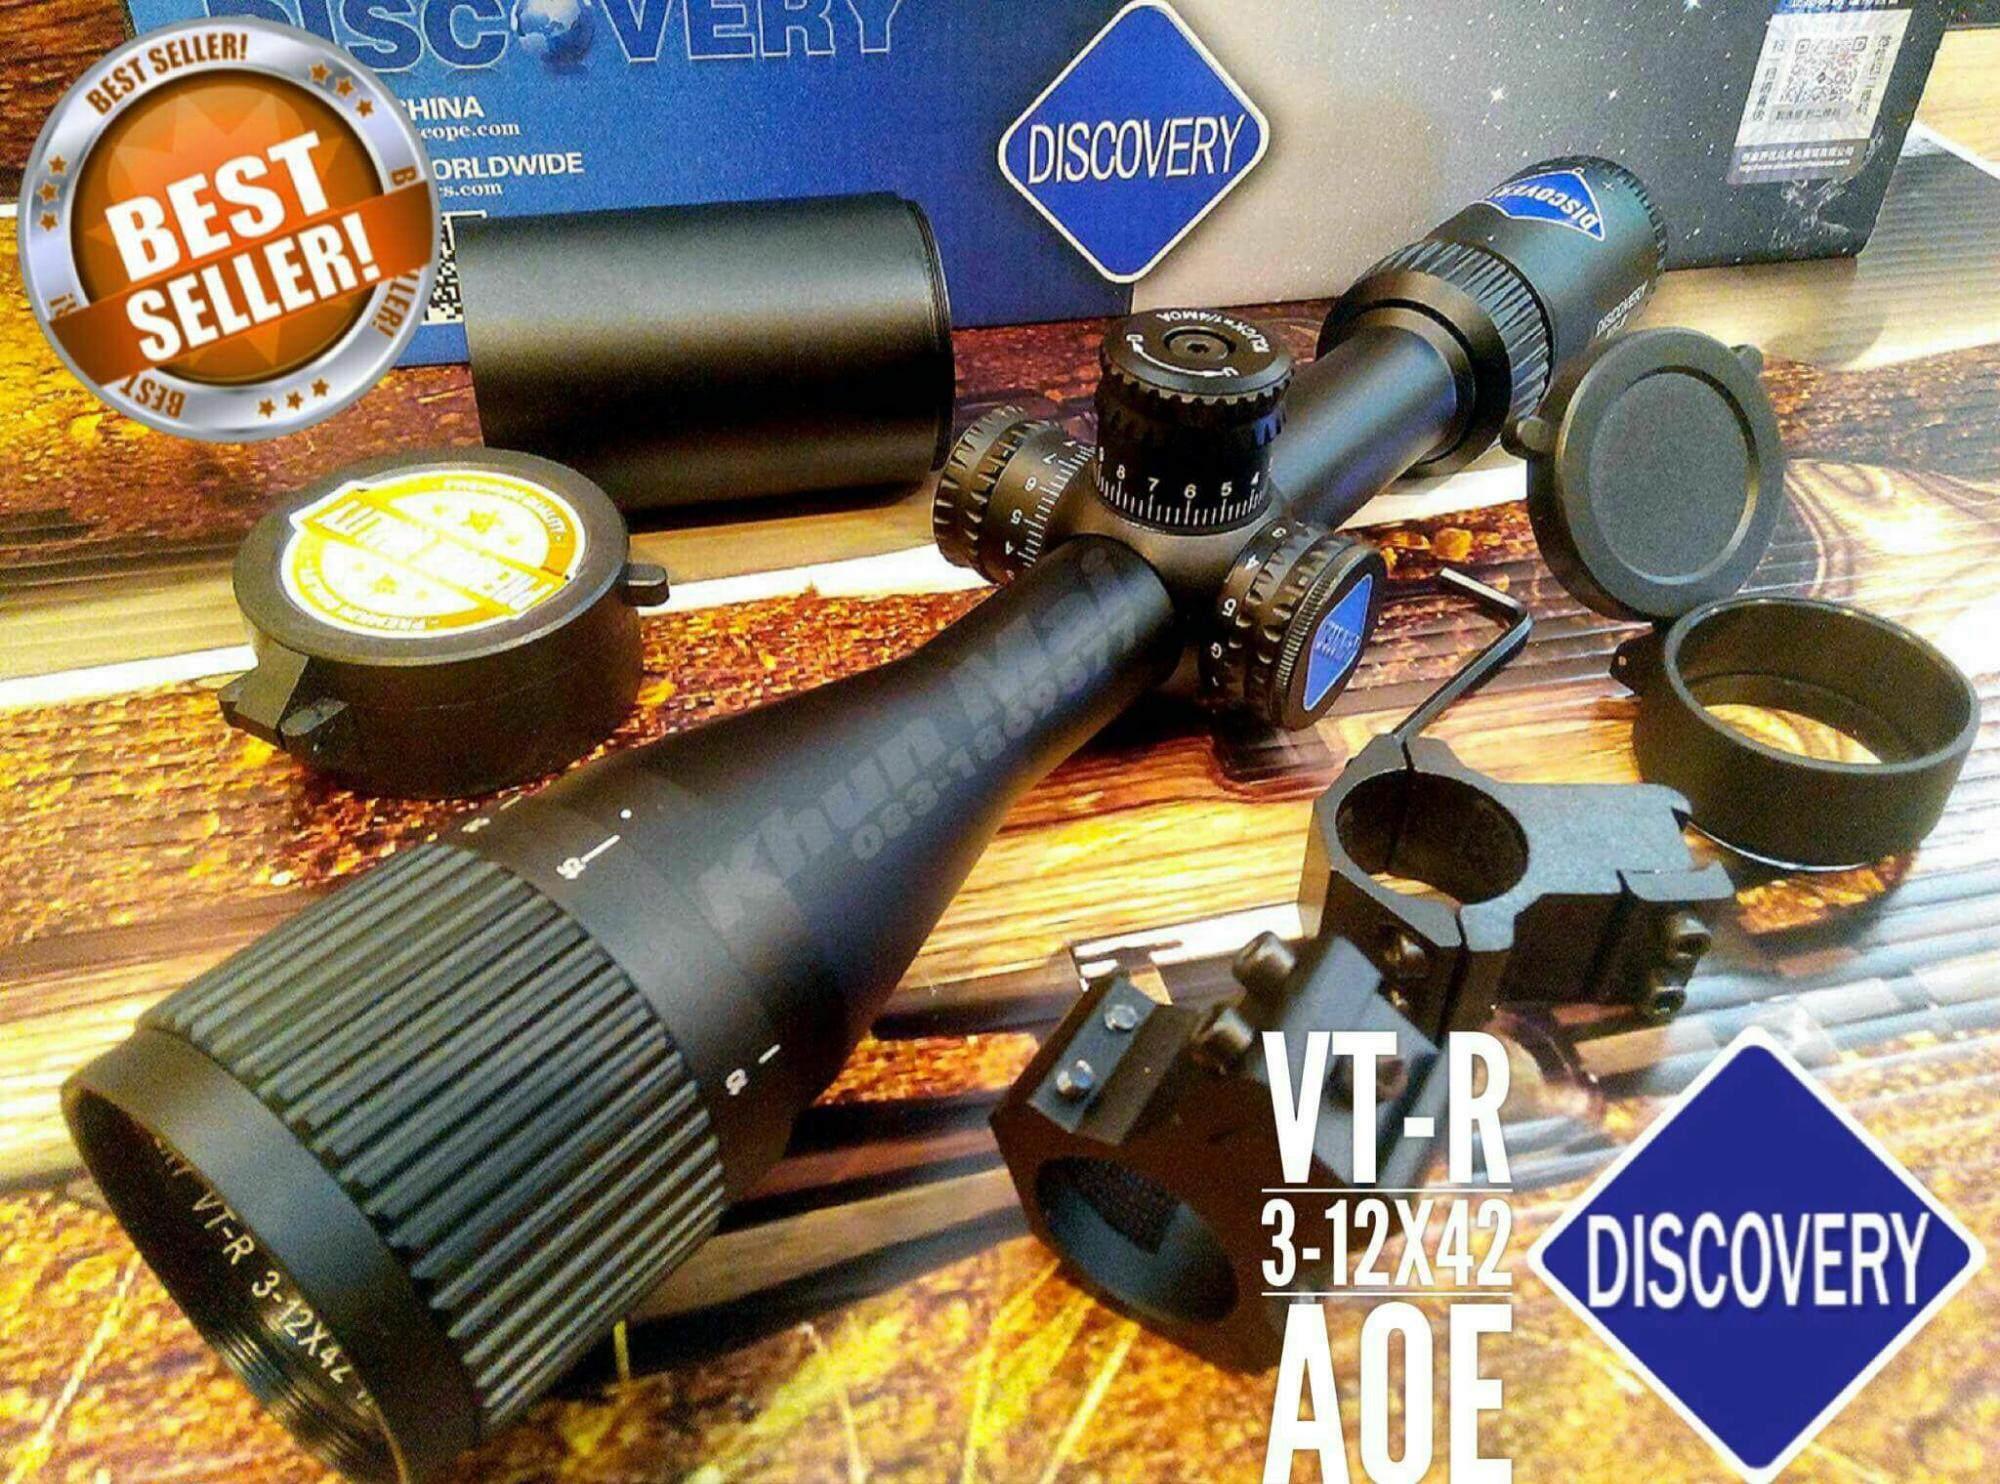 ขาย ซื้อ กล้องติดปืน Discovery Vt R 3 12X42Aoe ใน กรุงเทพมหานคร